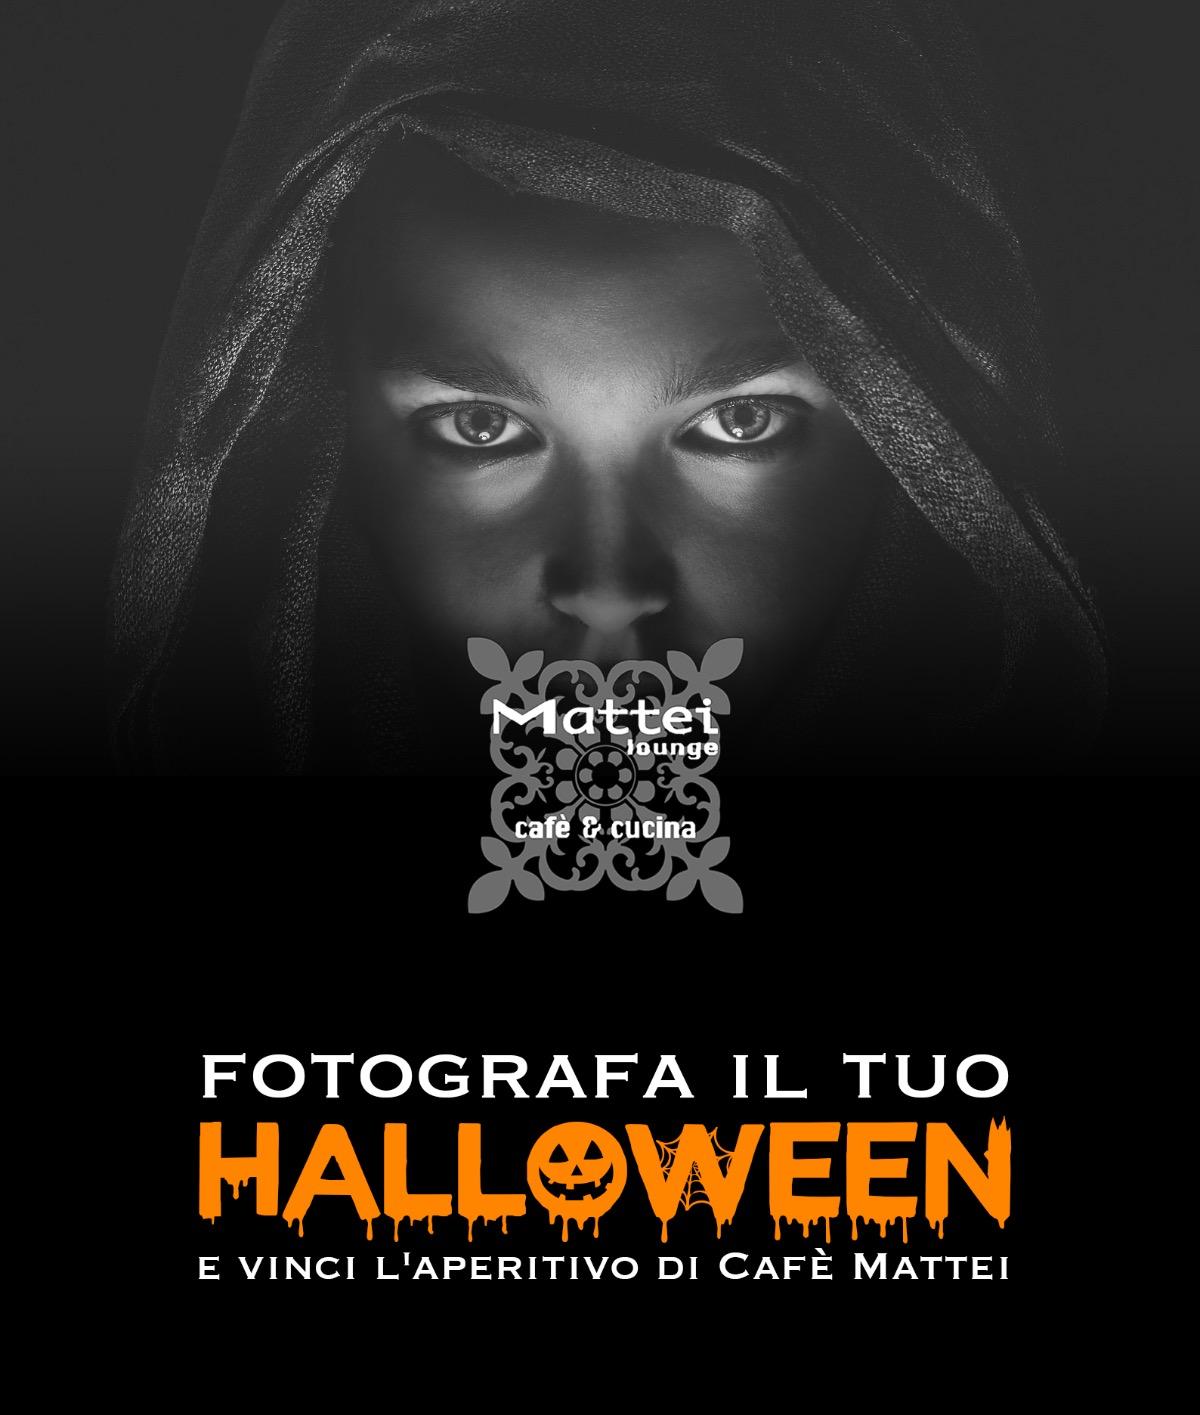 Fotografa il tuo Halloween e Vinci l'aperitivo Mattei!